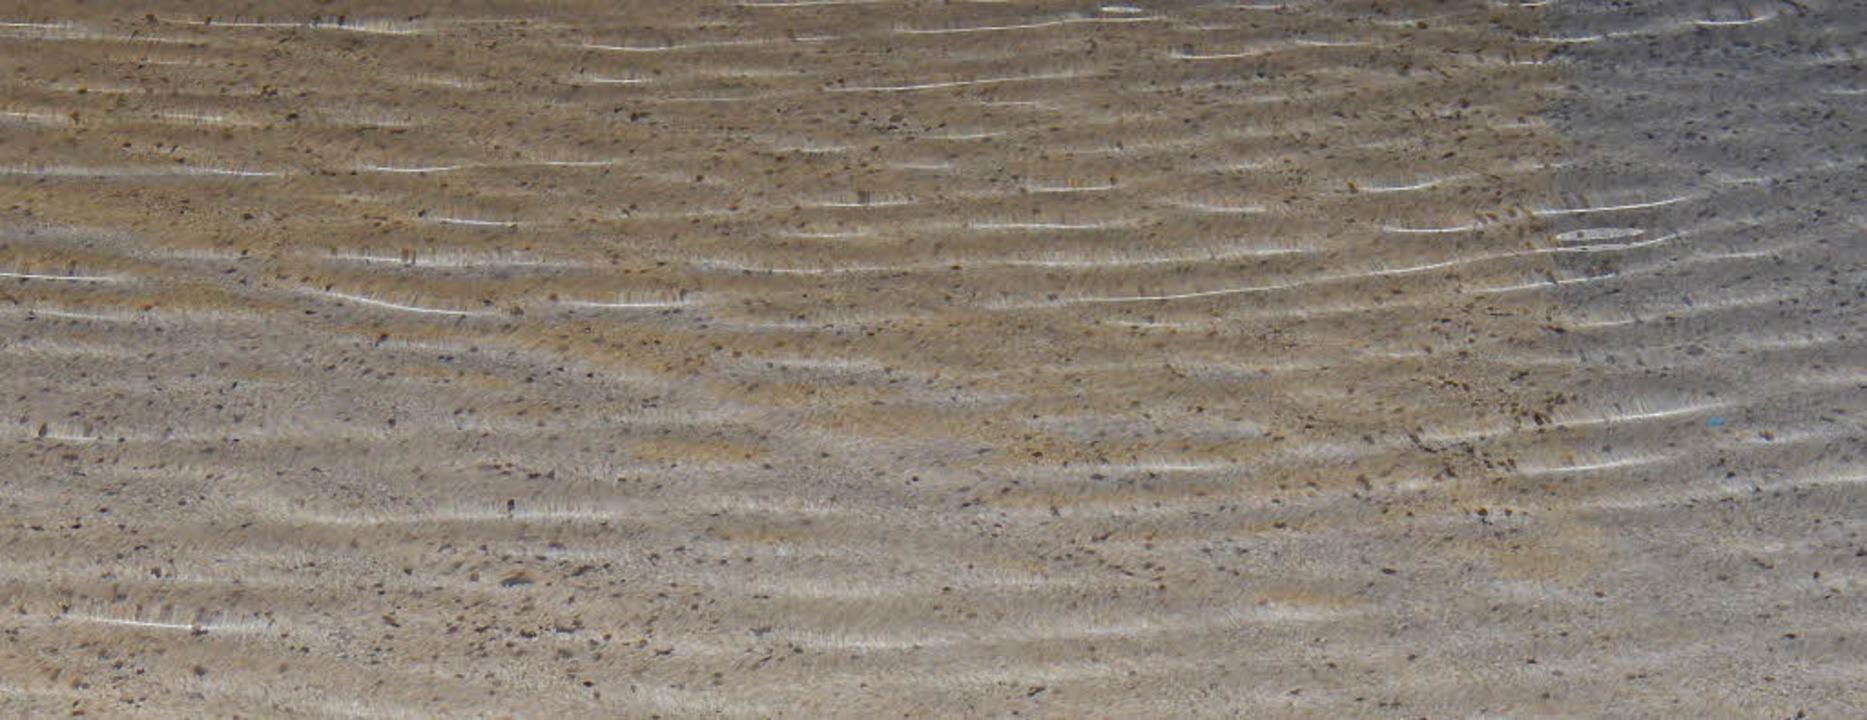 Hier muss das Wasser durch: Im Jurakie...sserleitungen zu schnell kaputt gehen.  | Foto: Sylvia Timm